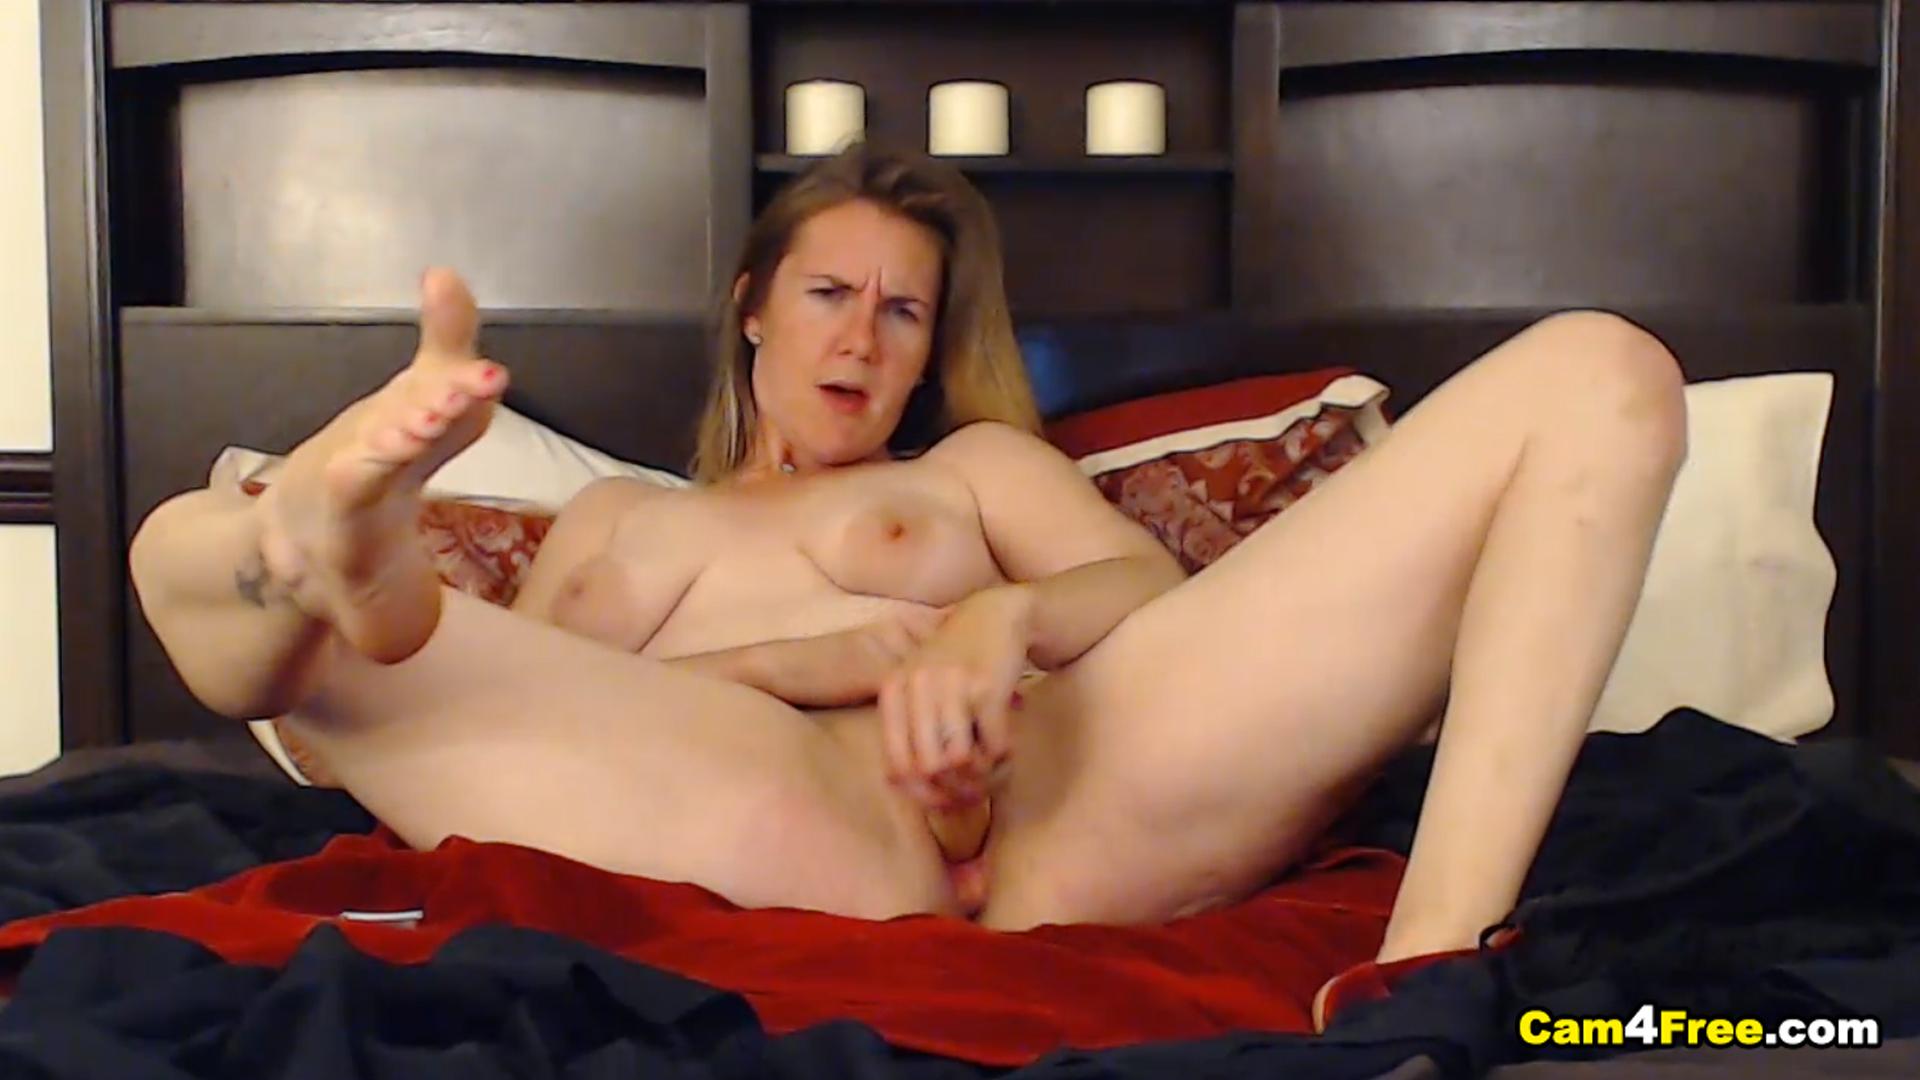 Blonde Hottie Sucks Toy Then Banged Herself Orgies charlotte nc